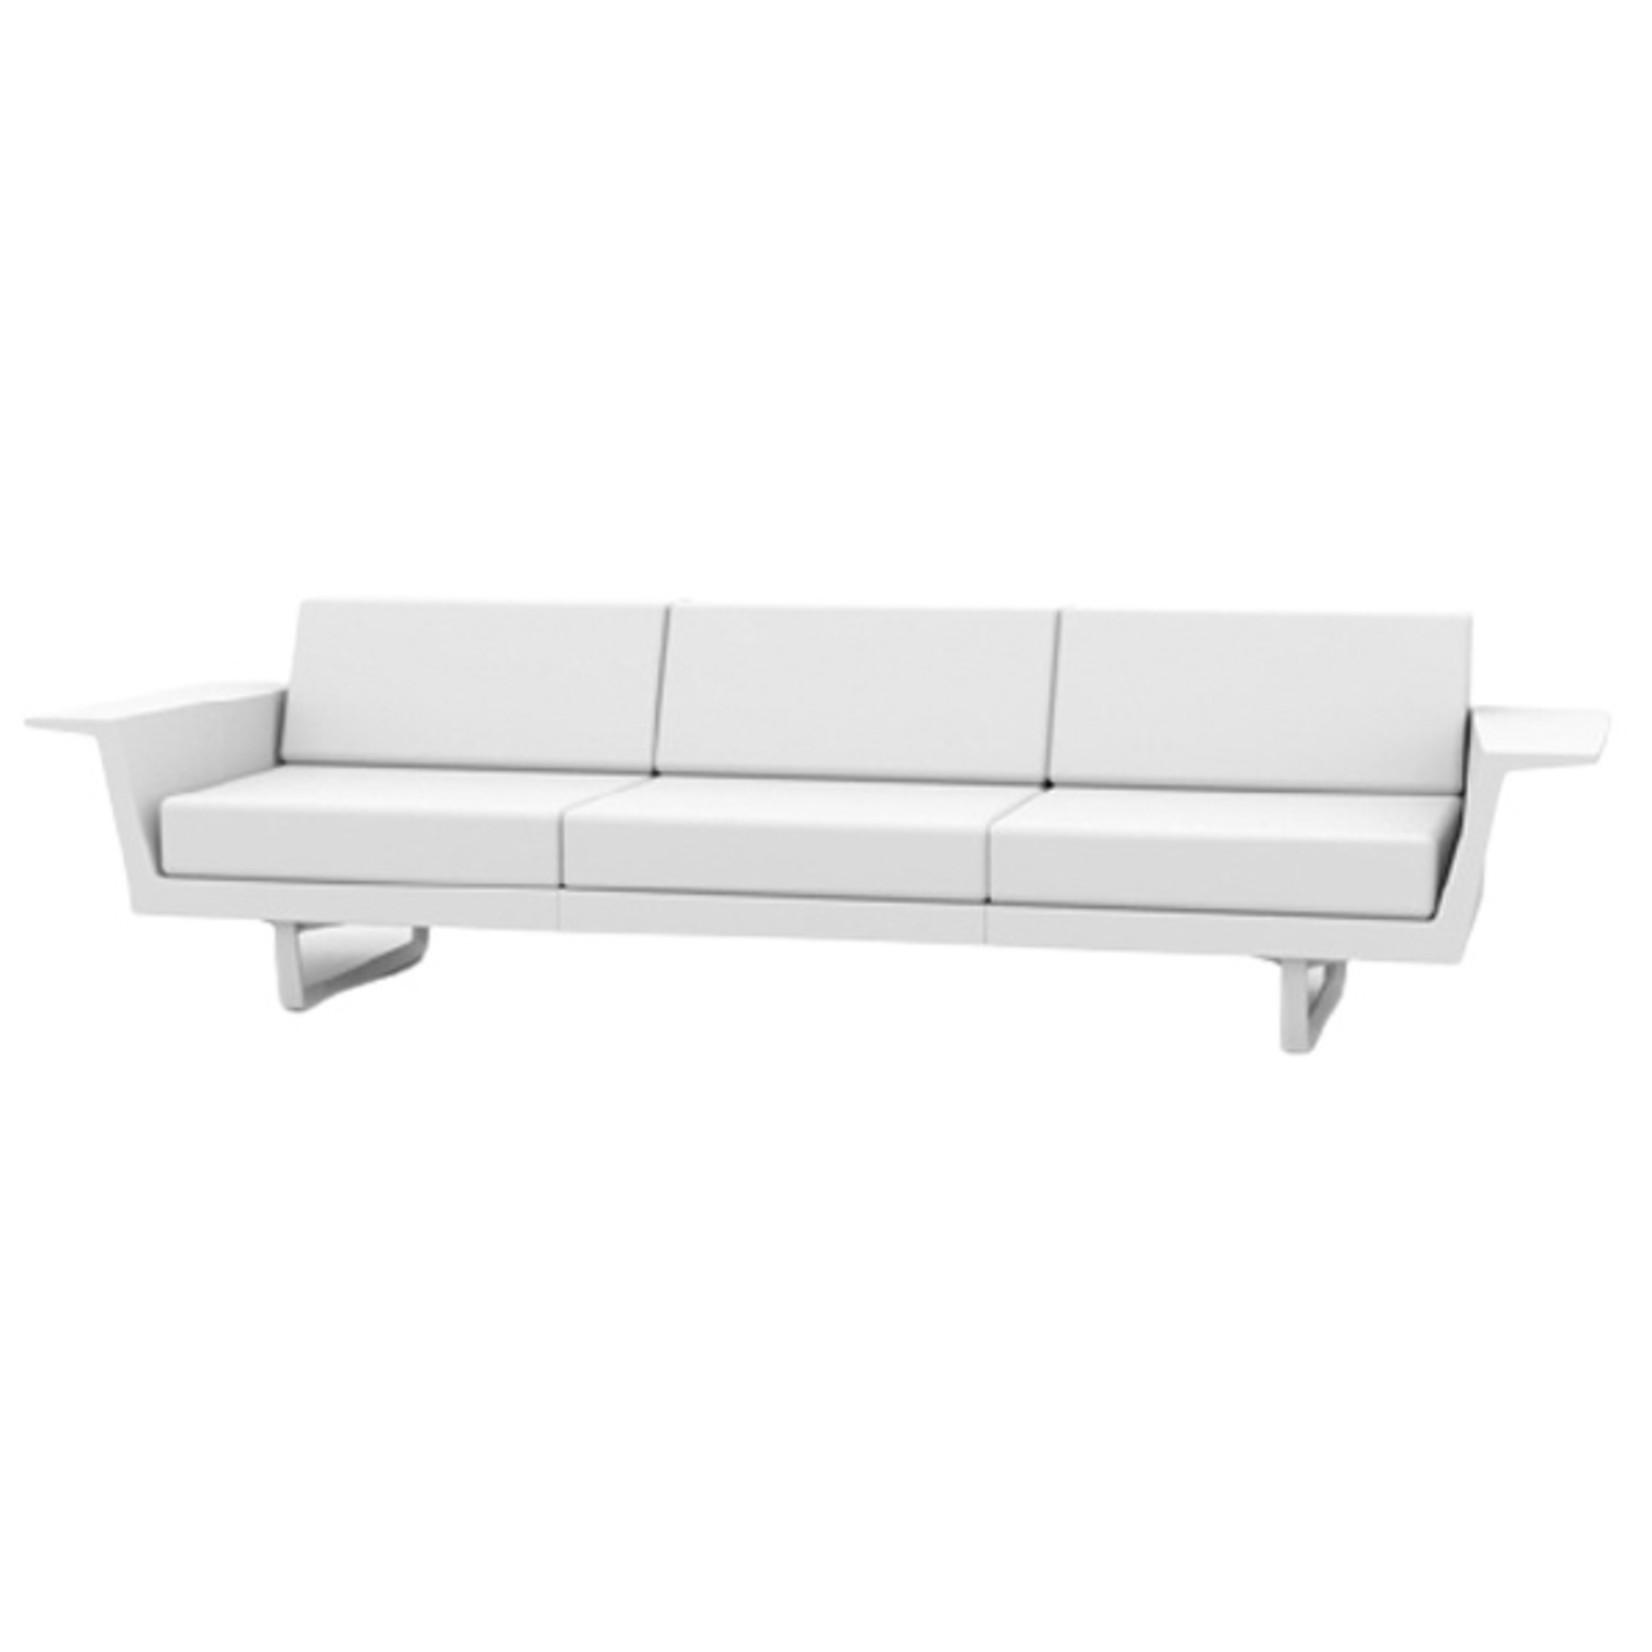 Vondom DELTA Sofa 3 seat